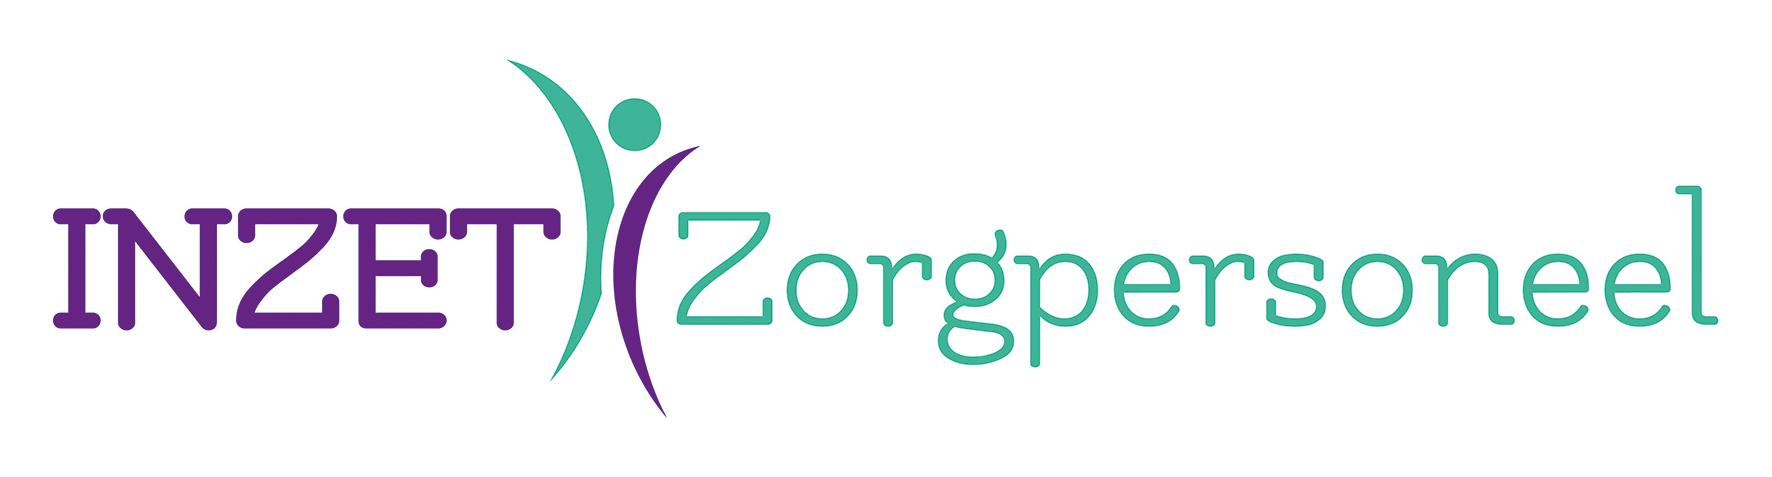 InzetZorgPersoneel Logo